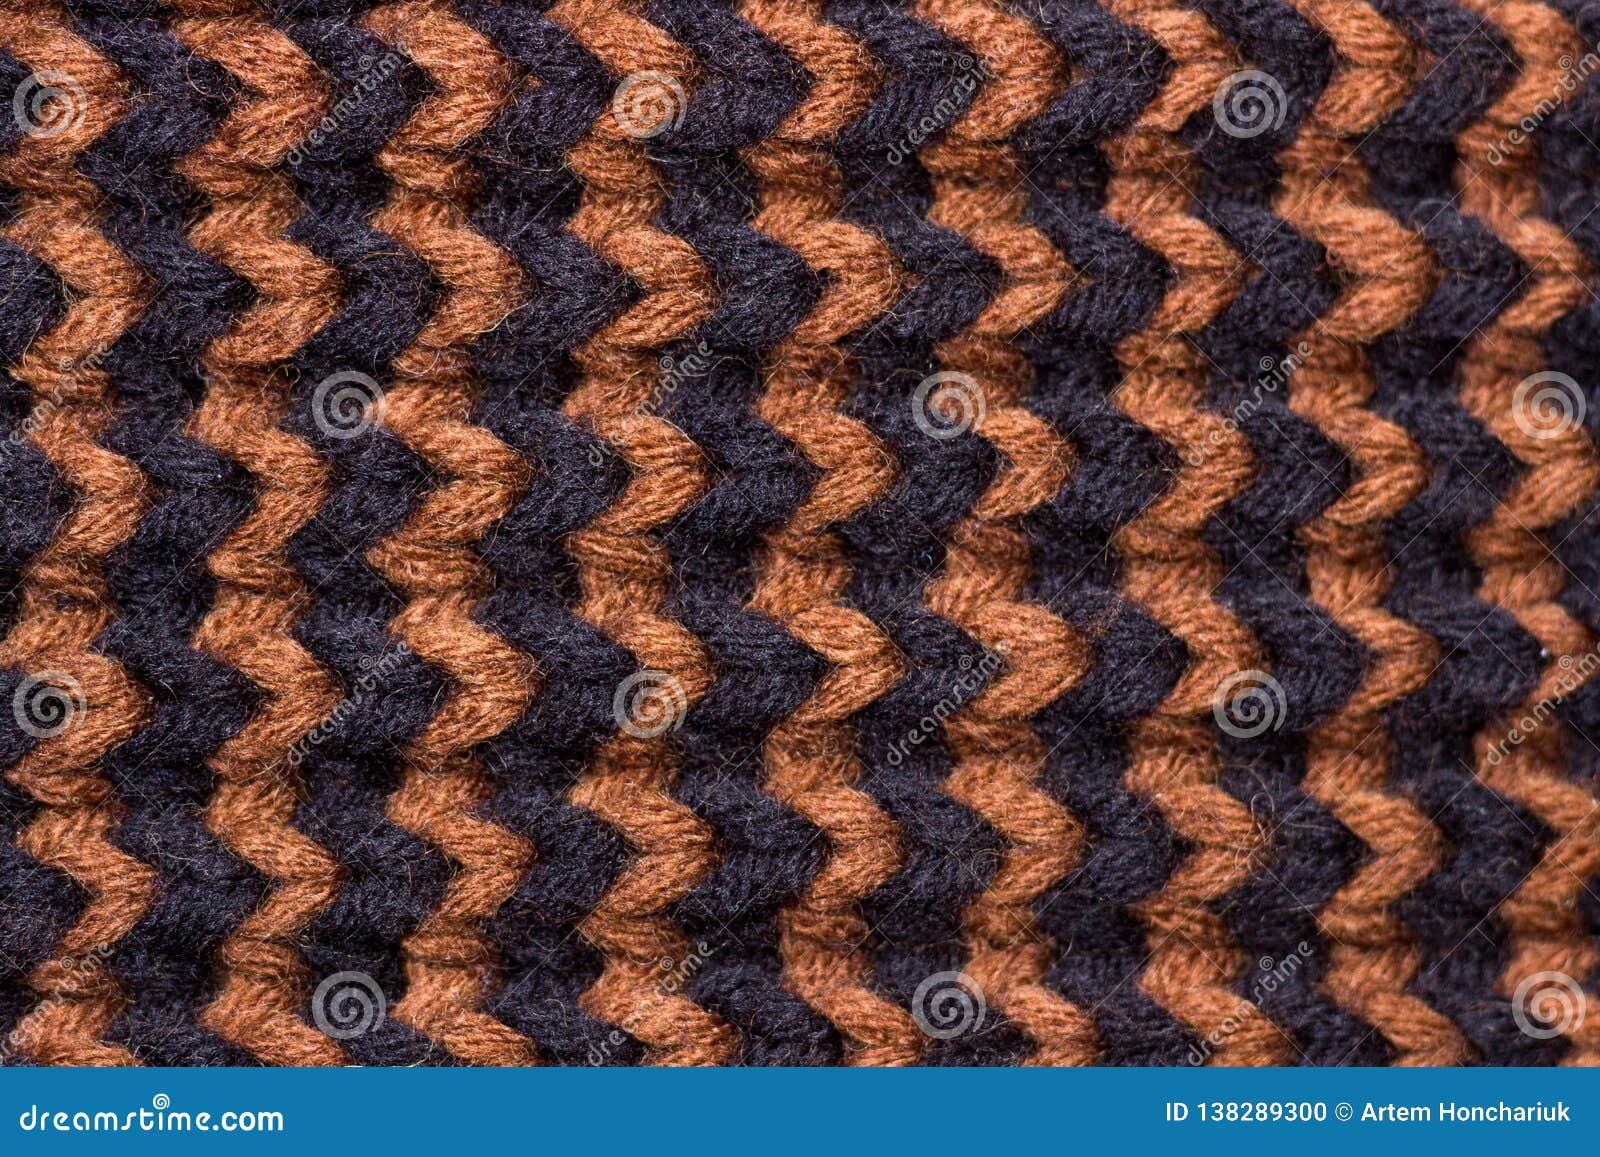 Πλέξιμο Πλεκτή υπόβαθρο σύσταση Φωτεινές πλέκοντας βελόνες Μαύρο και καφετί μάλλινο νήμα για το πλέξιμο